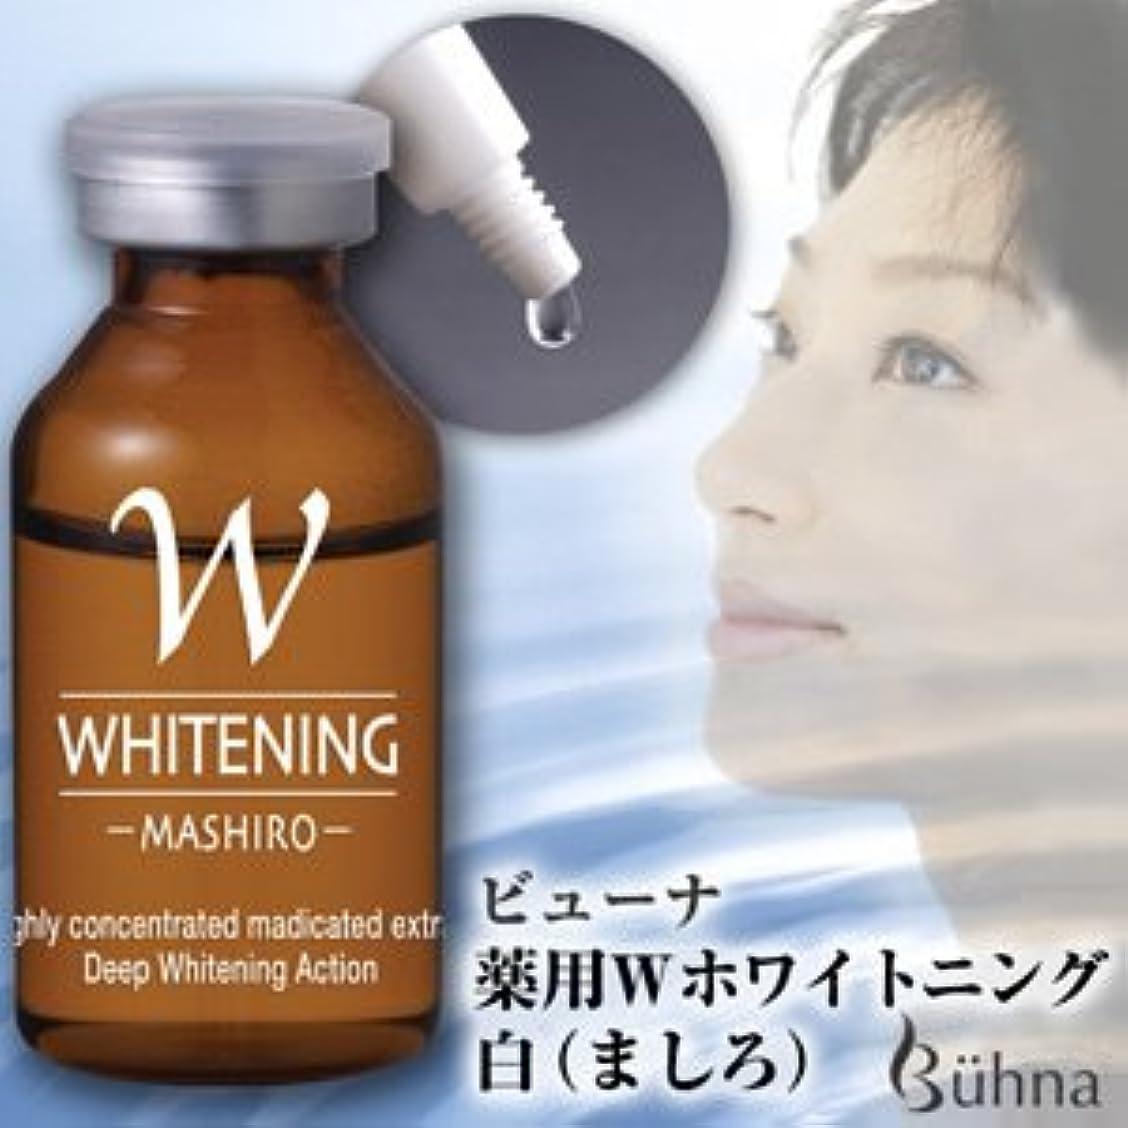 分子複雑な起業家超高濃度!W原液がシミを断つ、翌朝の肌で感じる美肌力『薬用ダブルホワイトニング白(ましろ)』